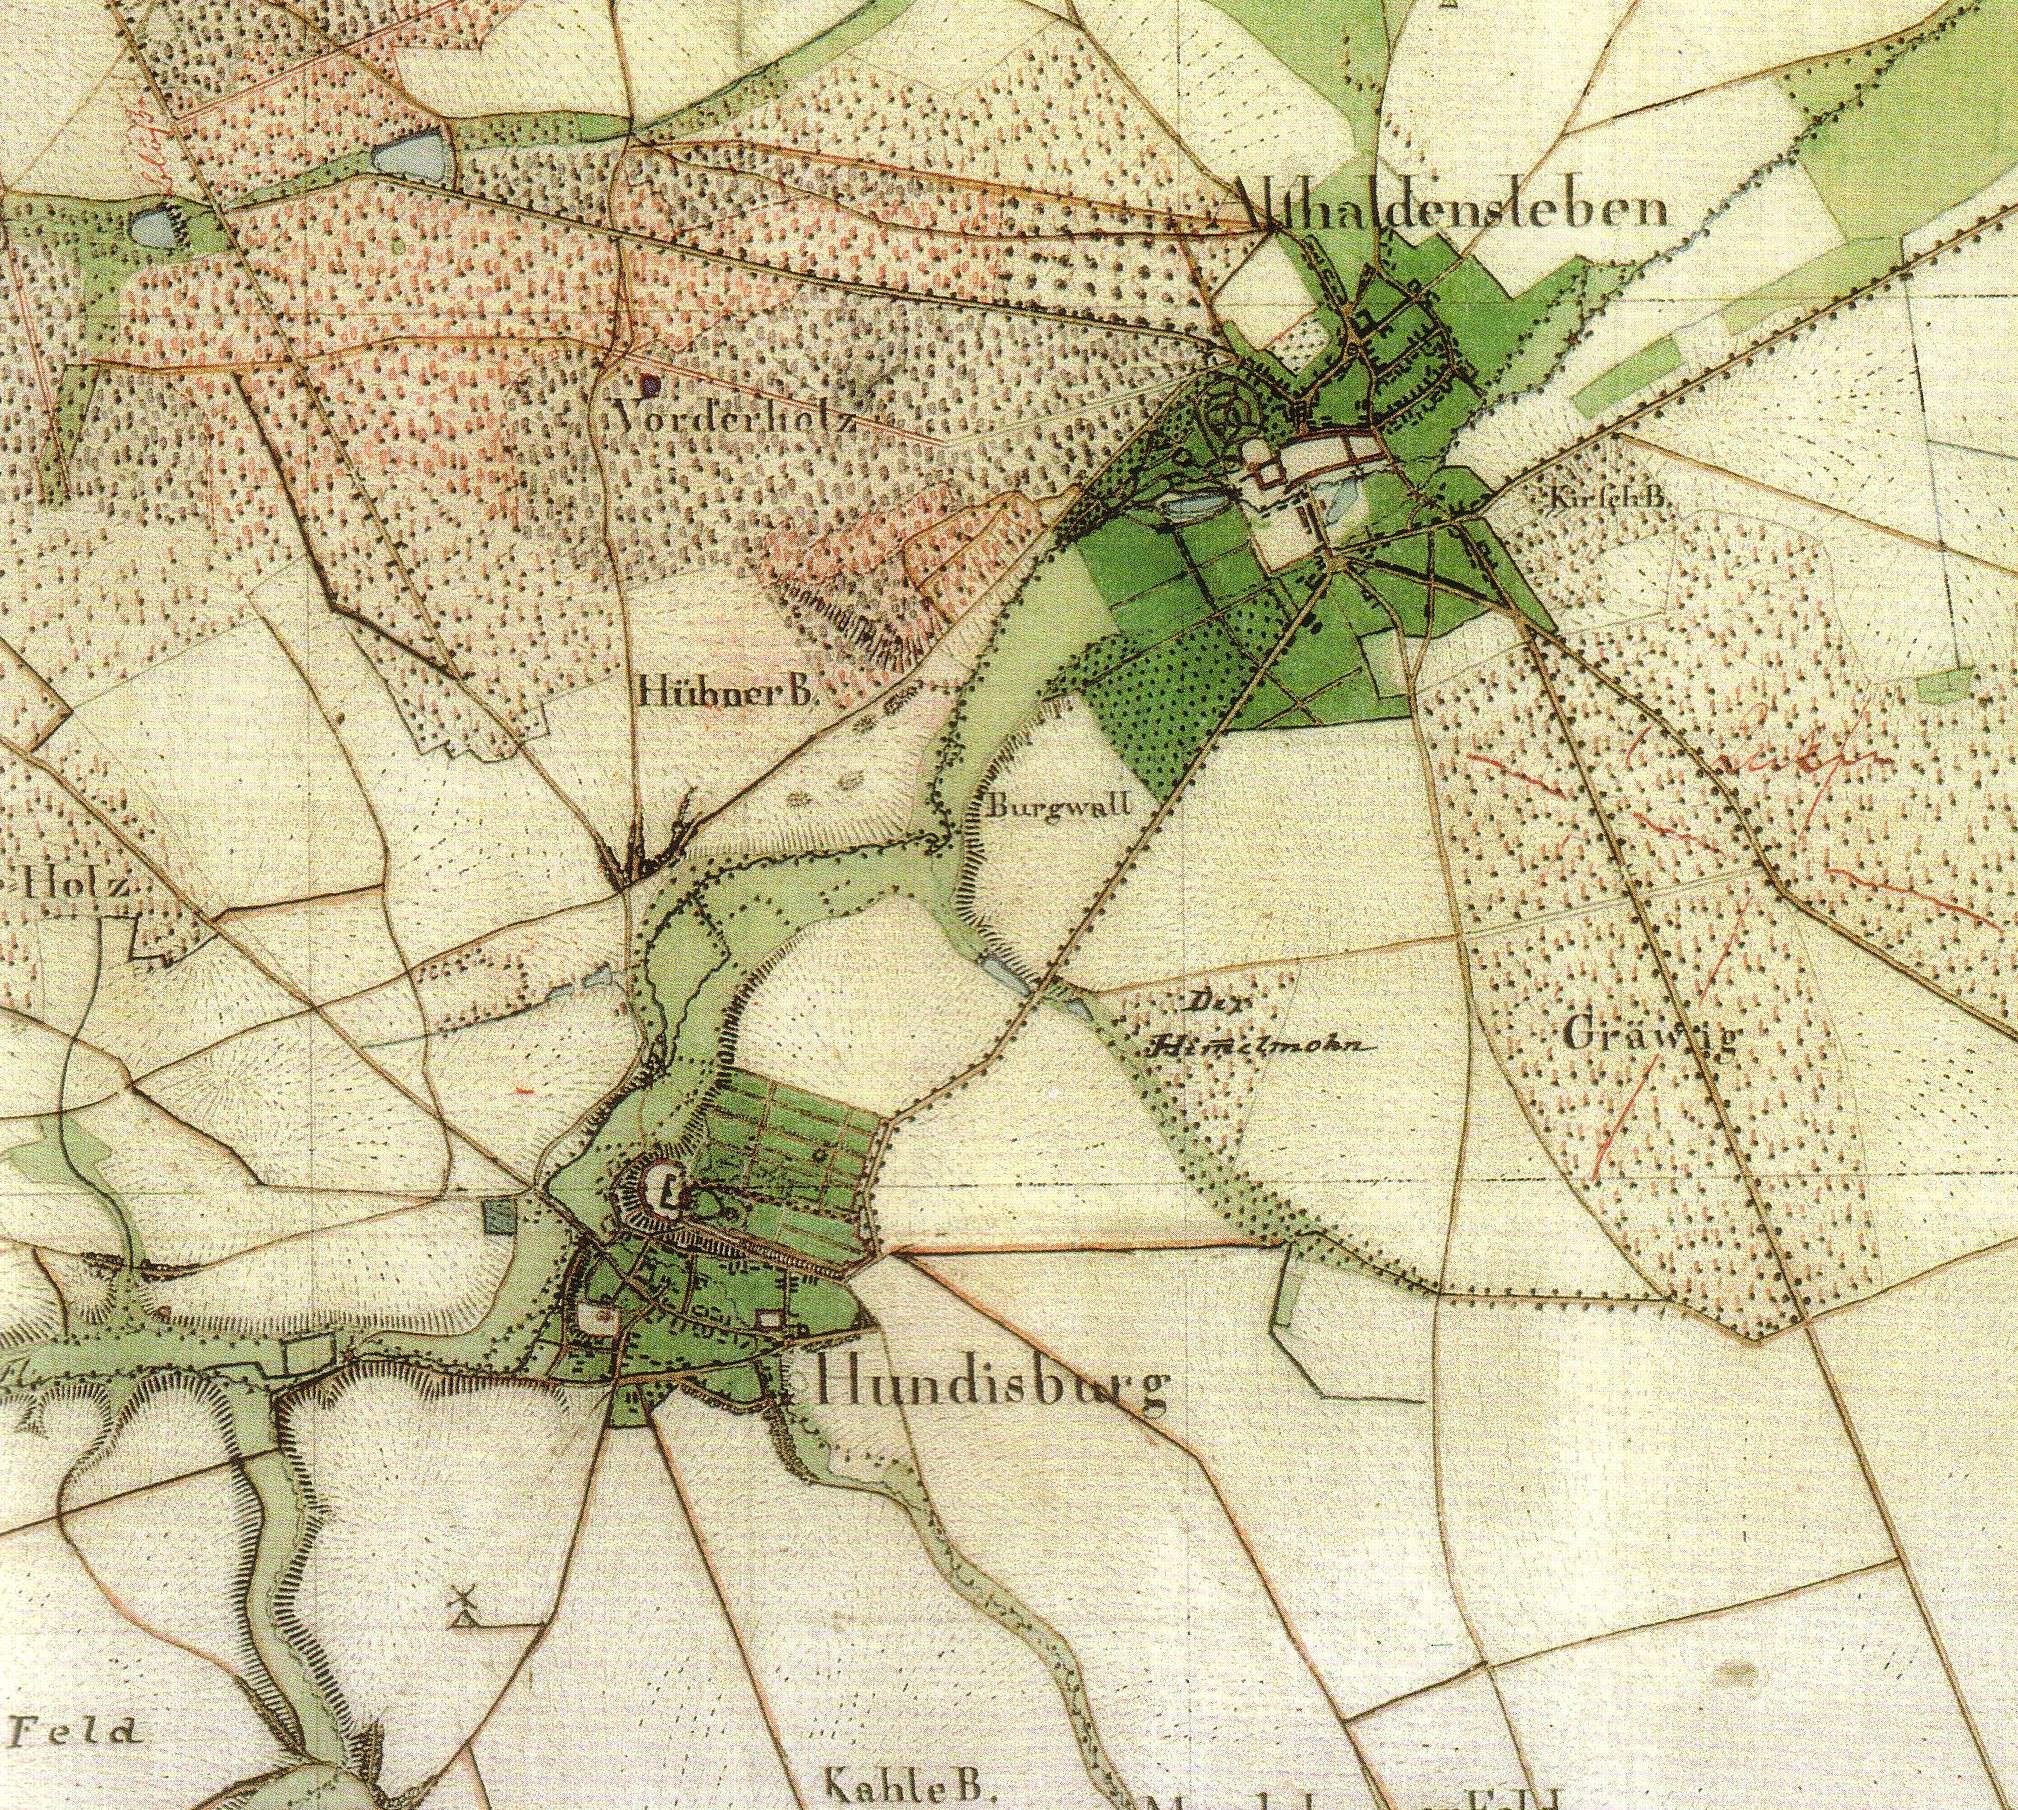 file:landschaftspark, messtischblatt 1823 - wikimedia commons, Esstisch ideennn